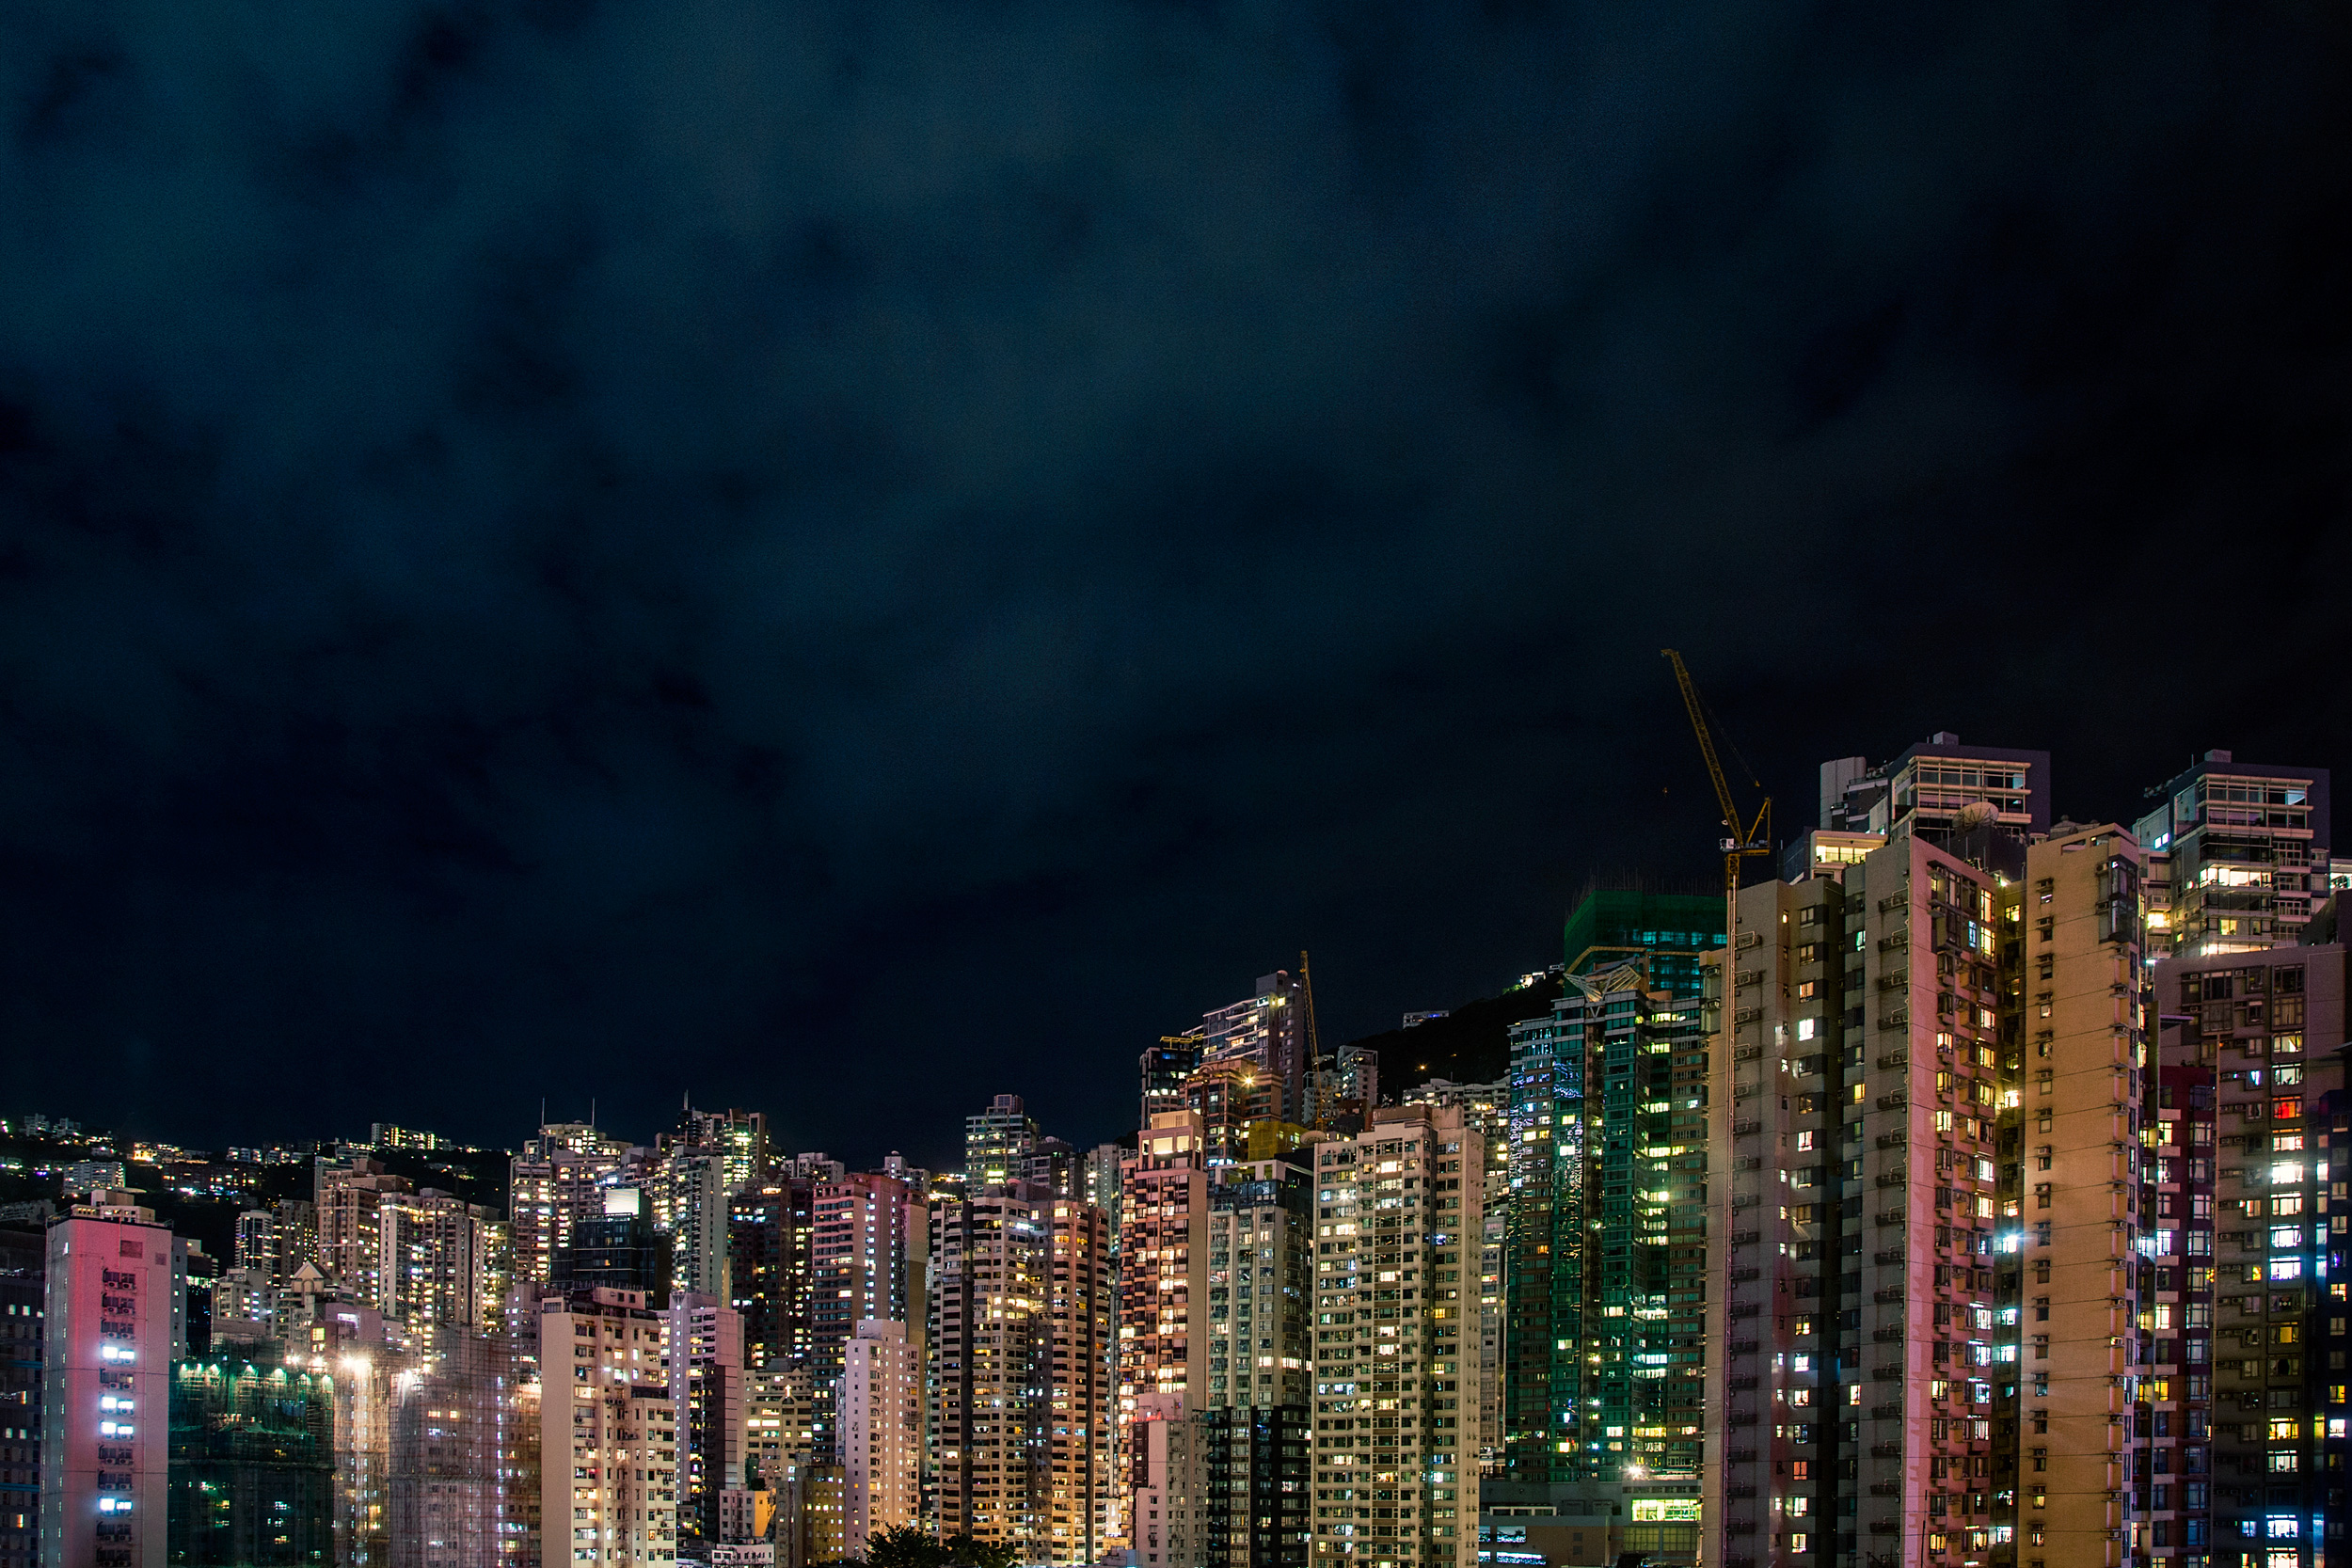 Sheung Wan